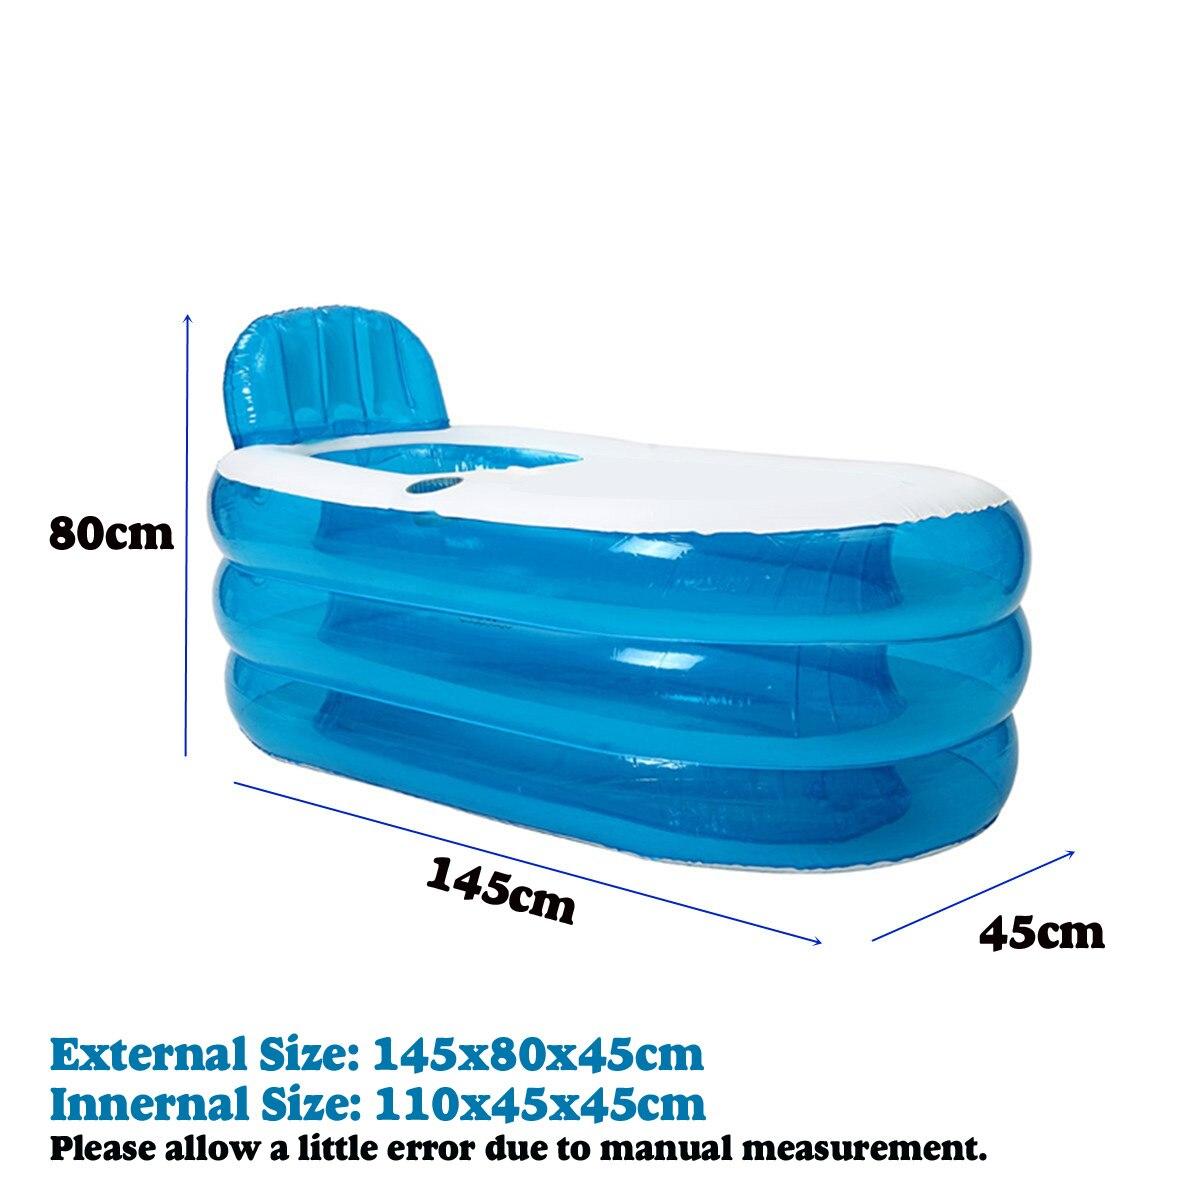 Été grande baignoire gonflable Double adultes Portable PVC baignoire en plastique maison Camping voyage pliant avec coussin tuyau SPA